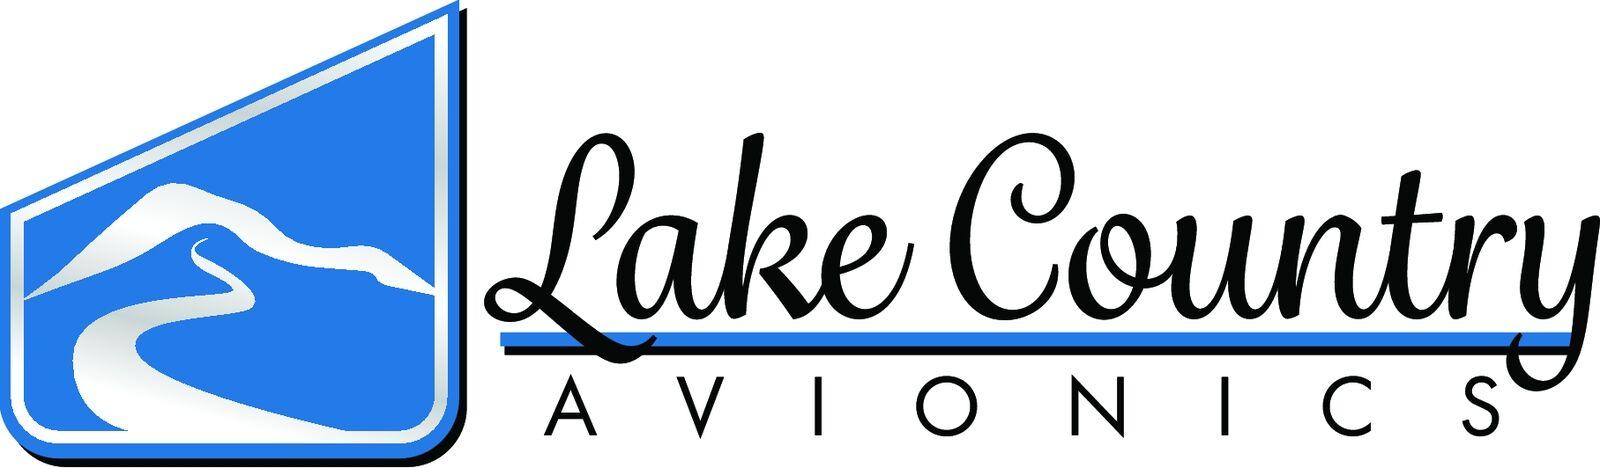 Lake Country Avionics